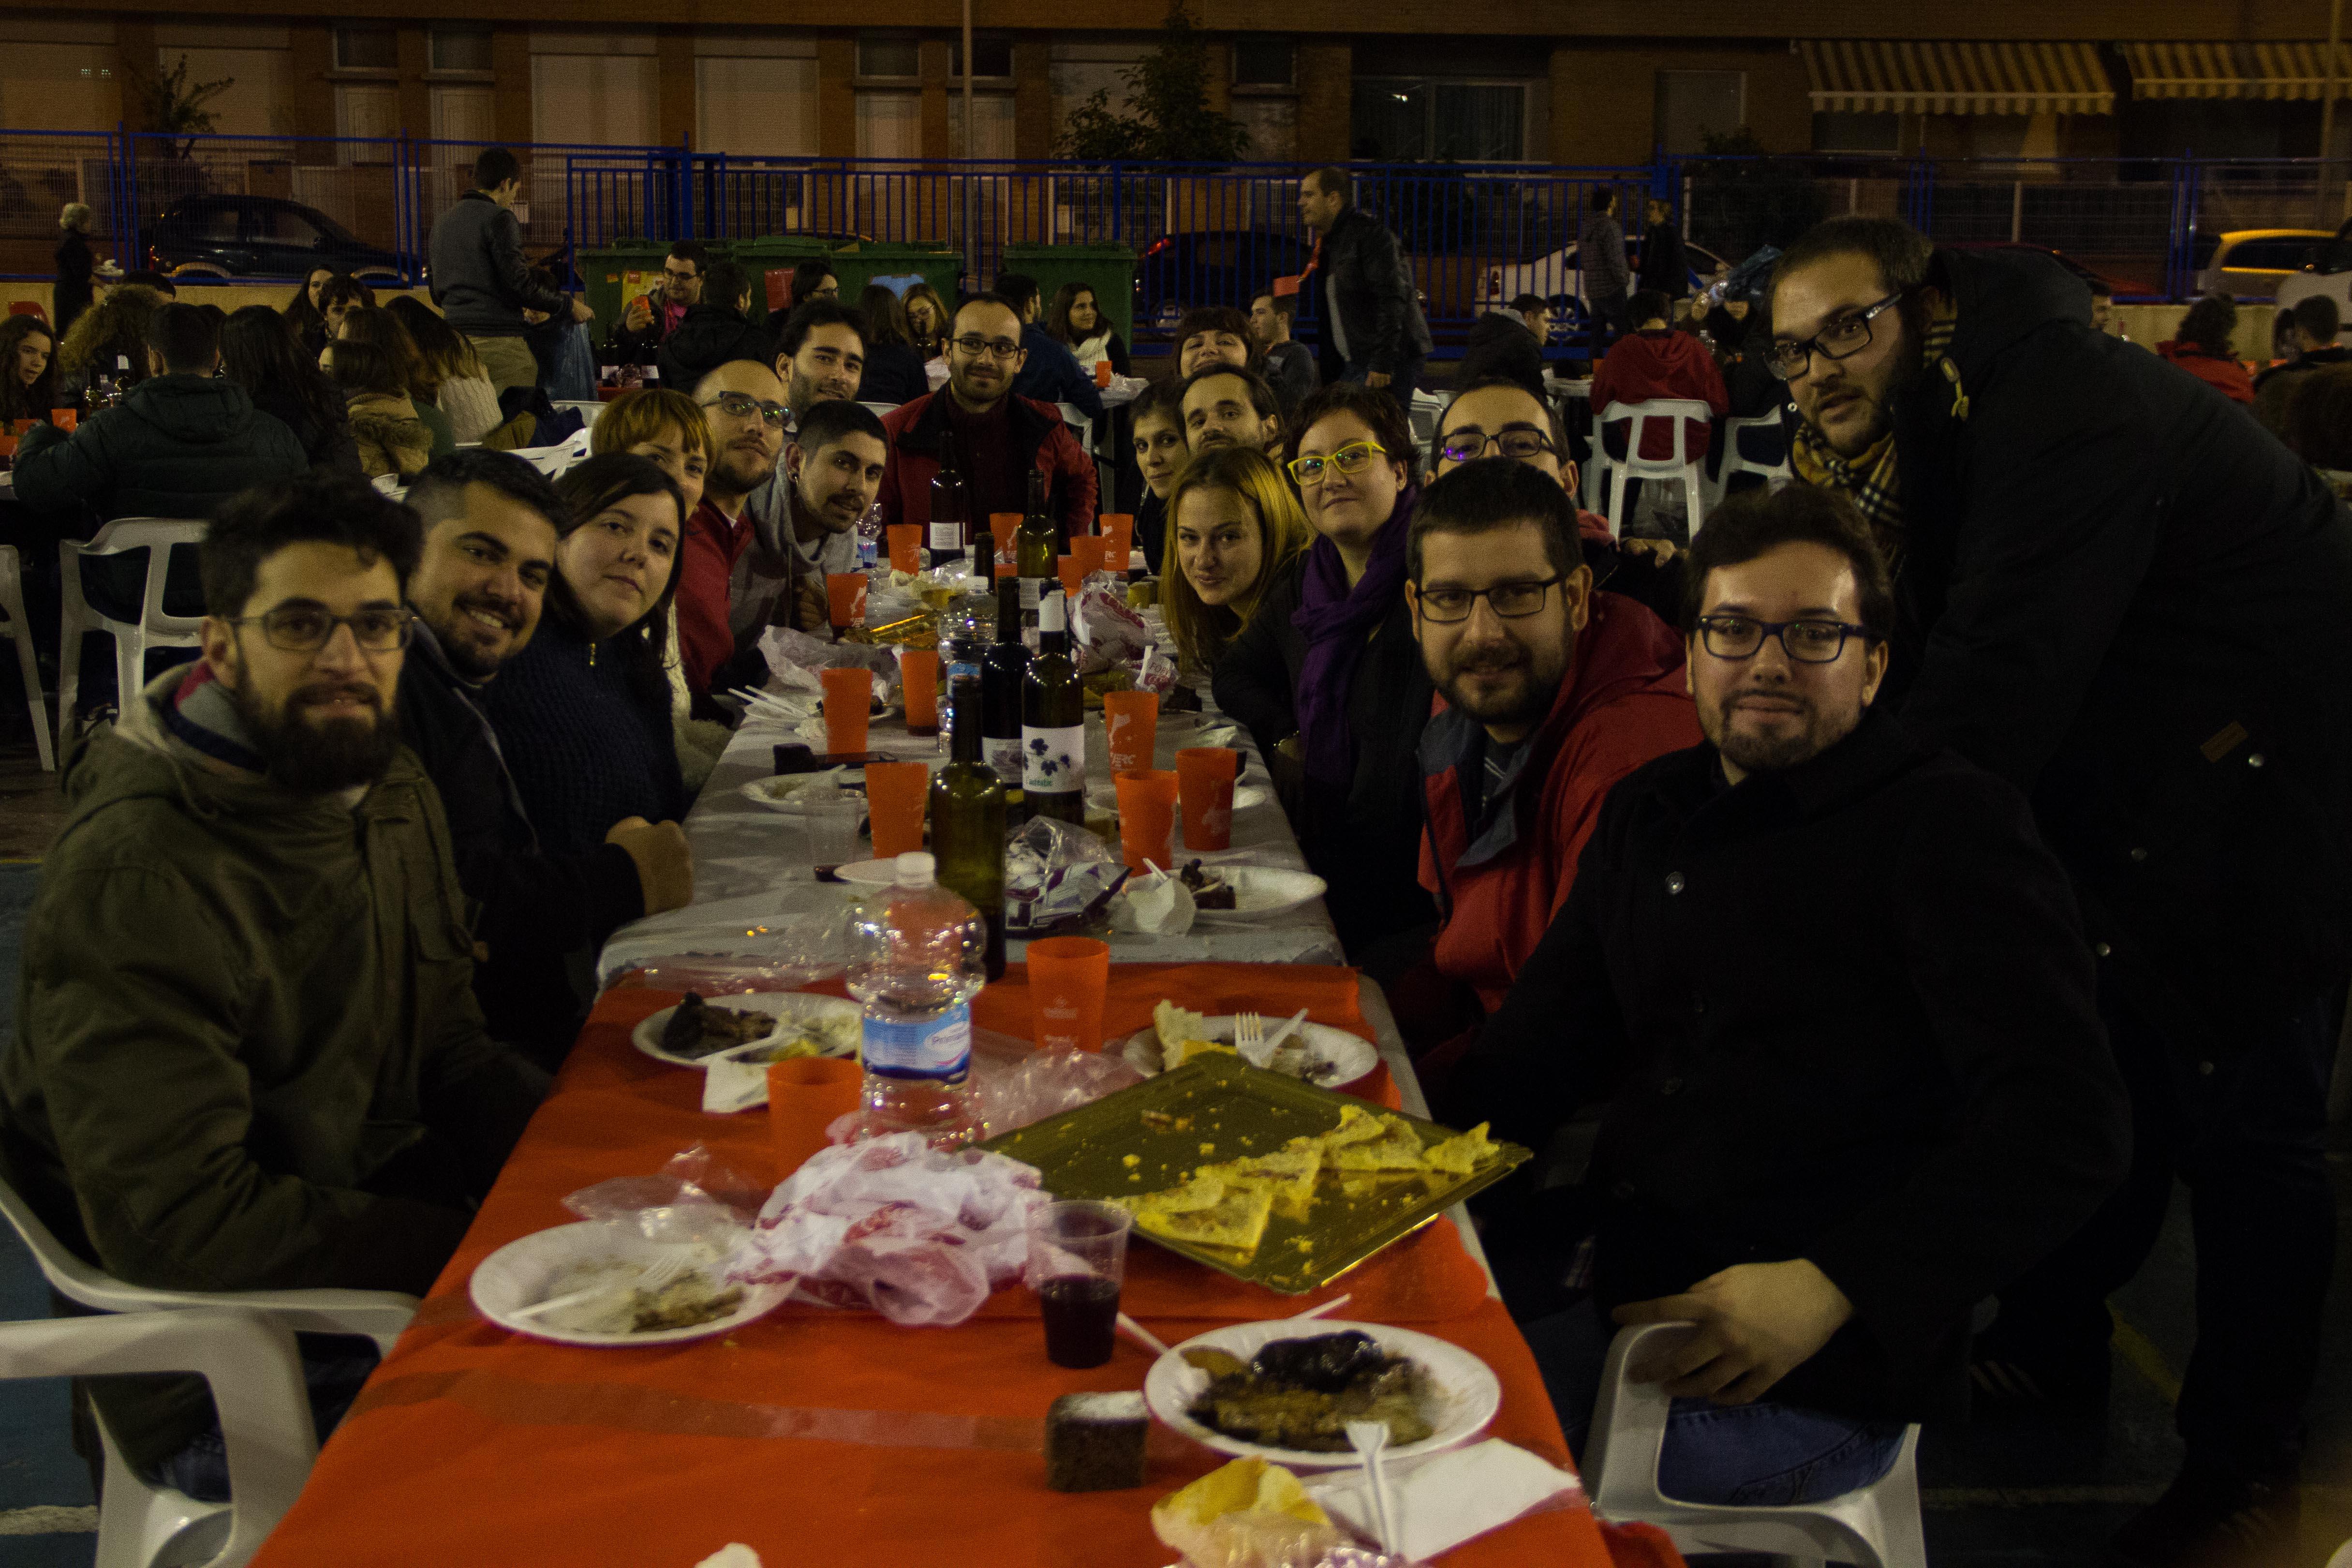 20161129200252_20161127_Congres-Nacional-JERC-Benicarlo_34_Marc-Tiendajpg.jpg